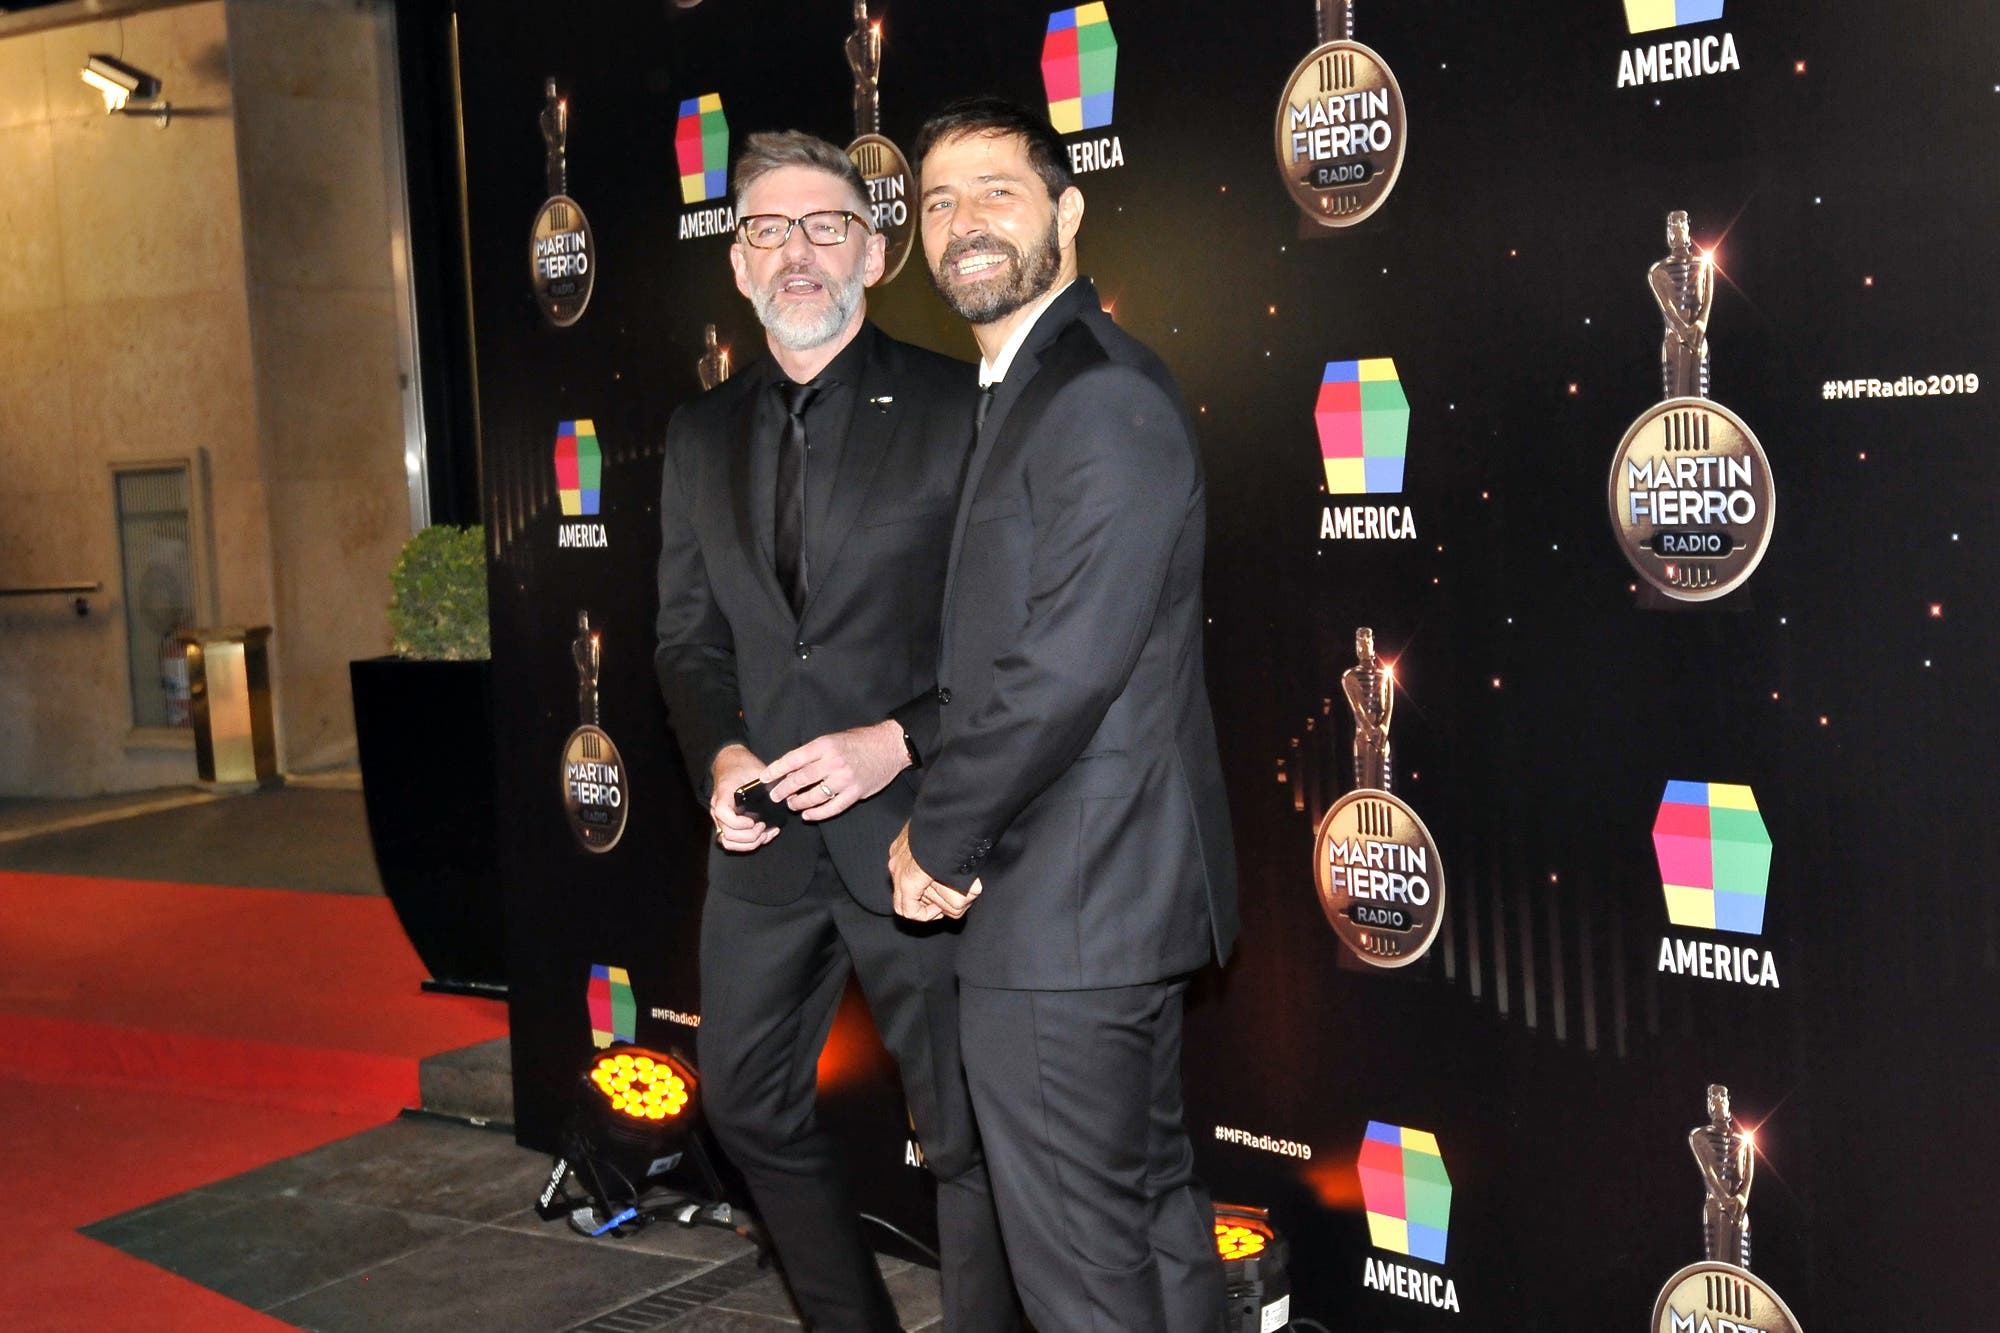 Premios Martín Fierro a la Radio 2019: todos los ganadores